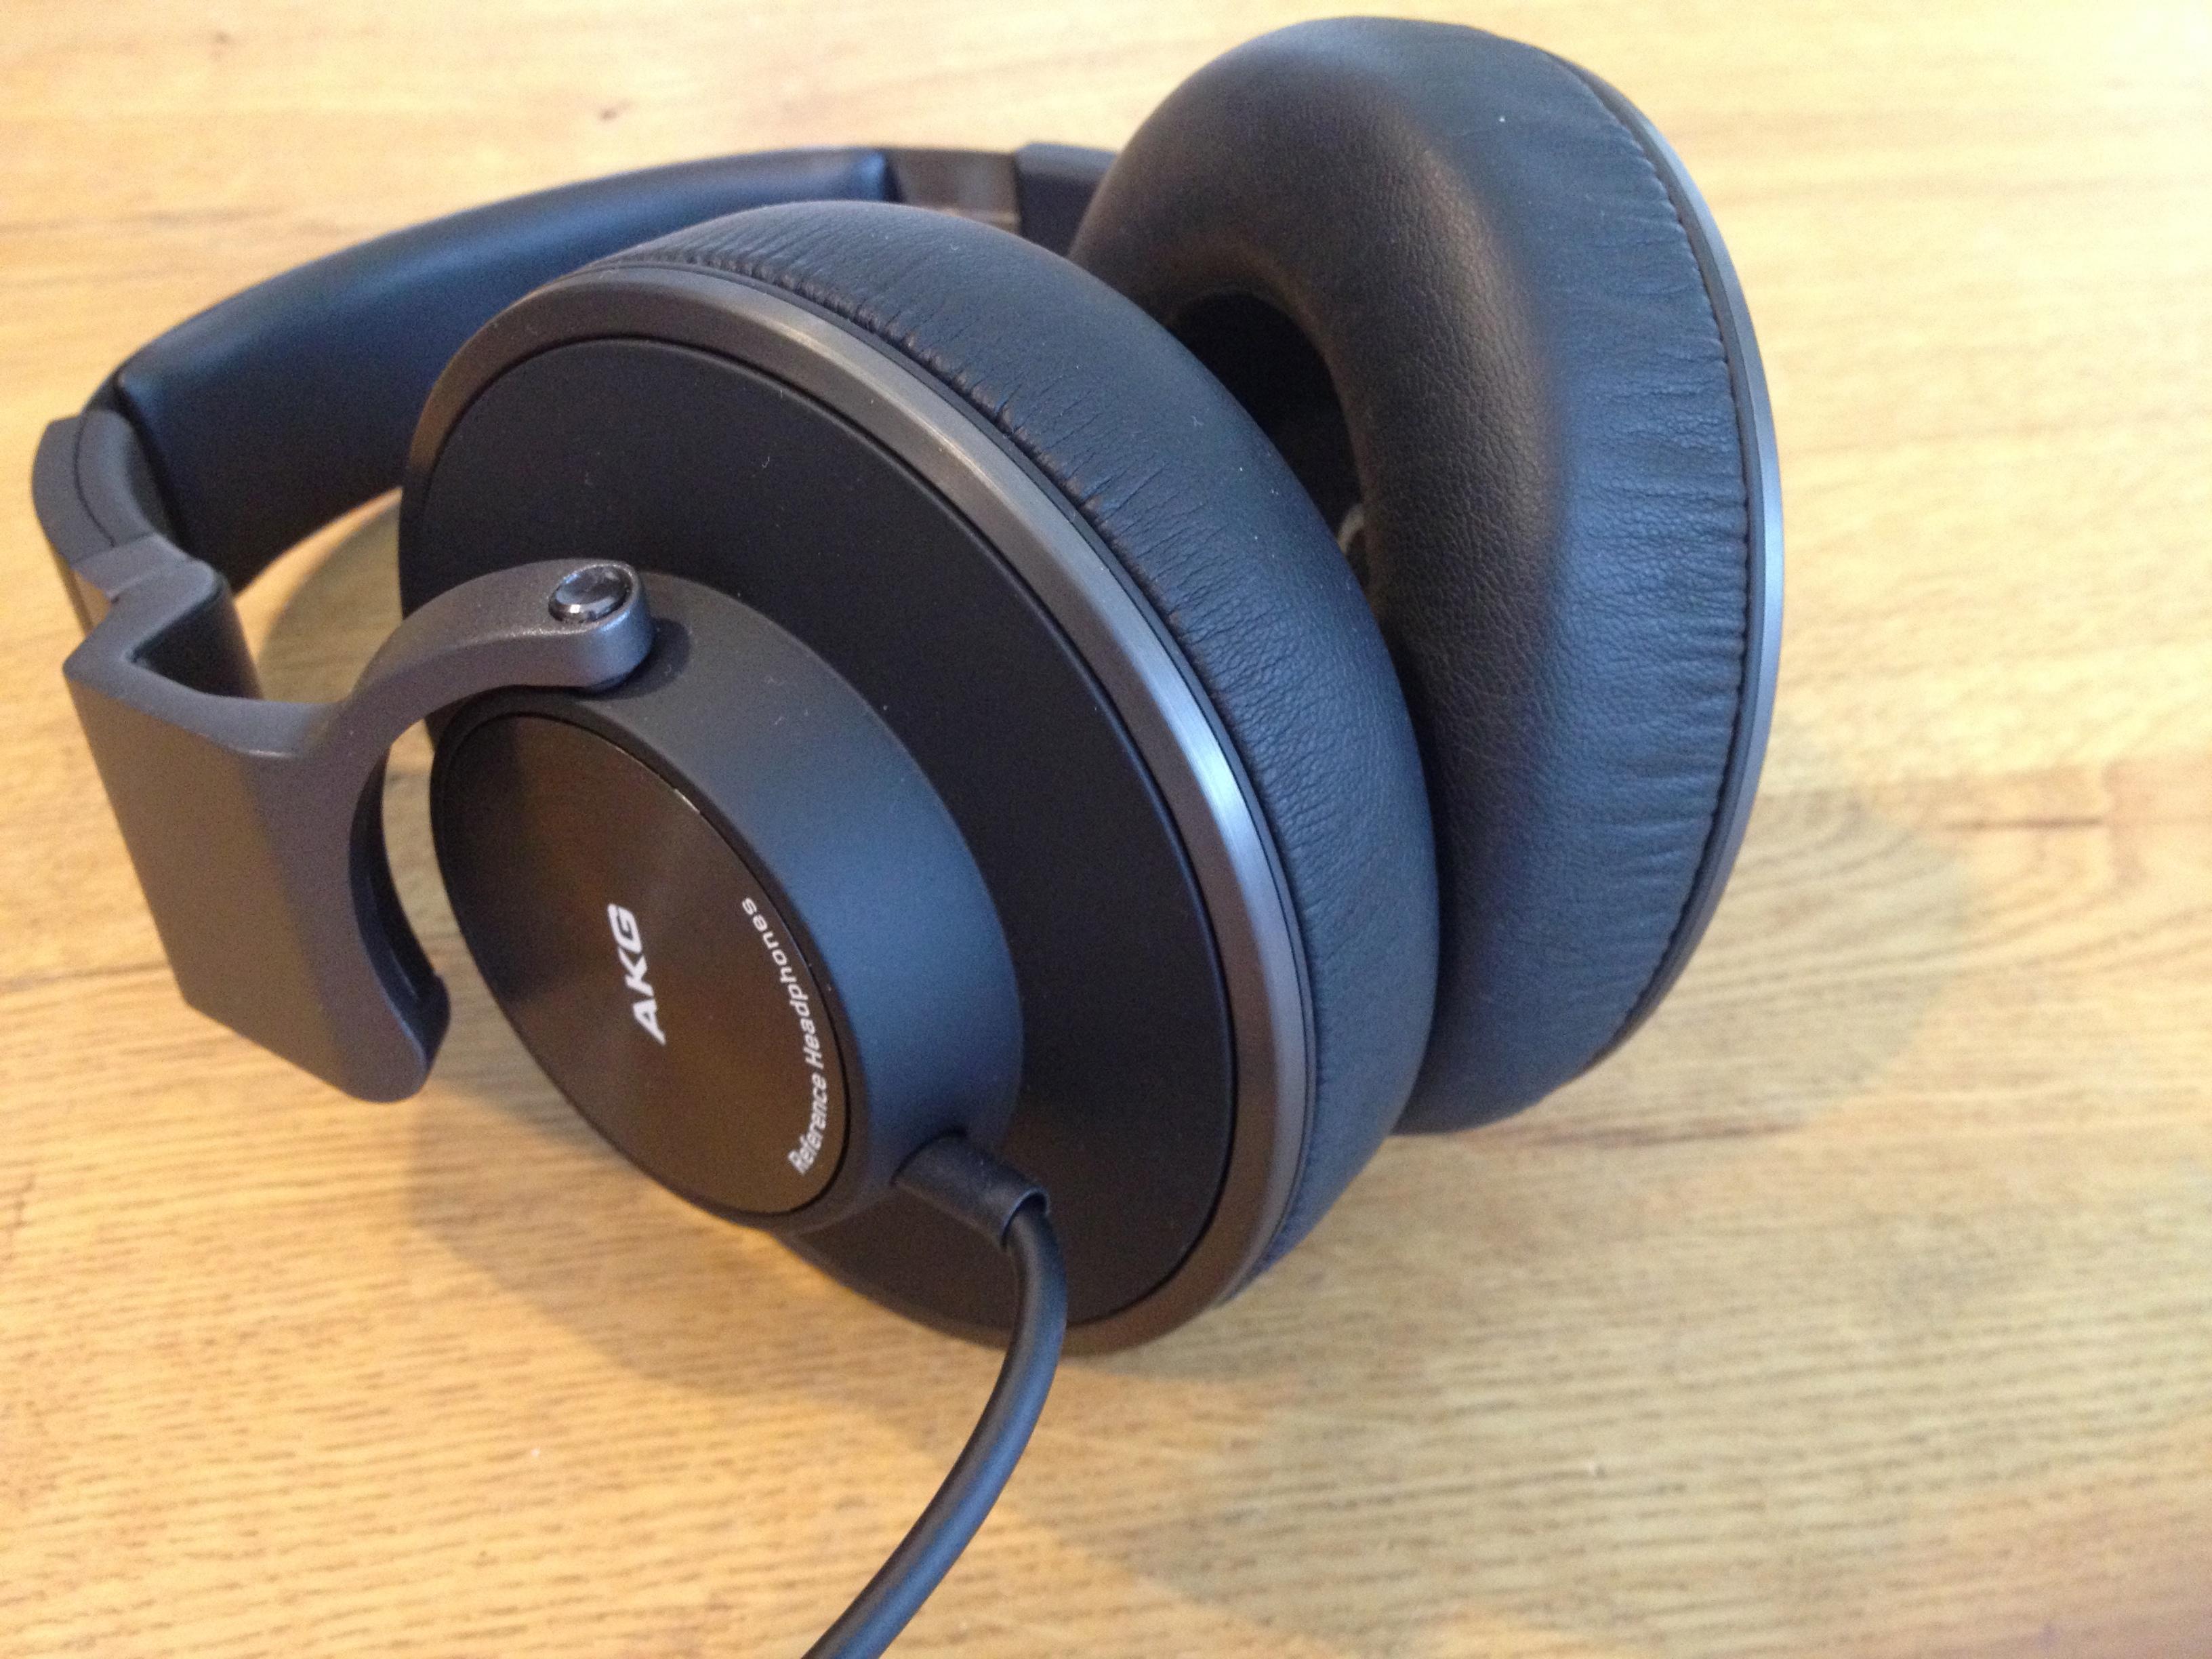 AKG K 550 – Da gibt's was auf die Ohren